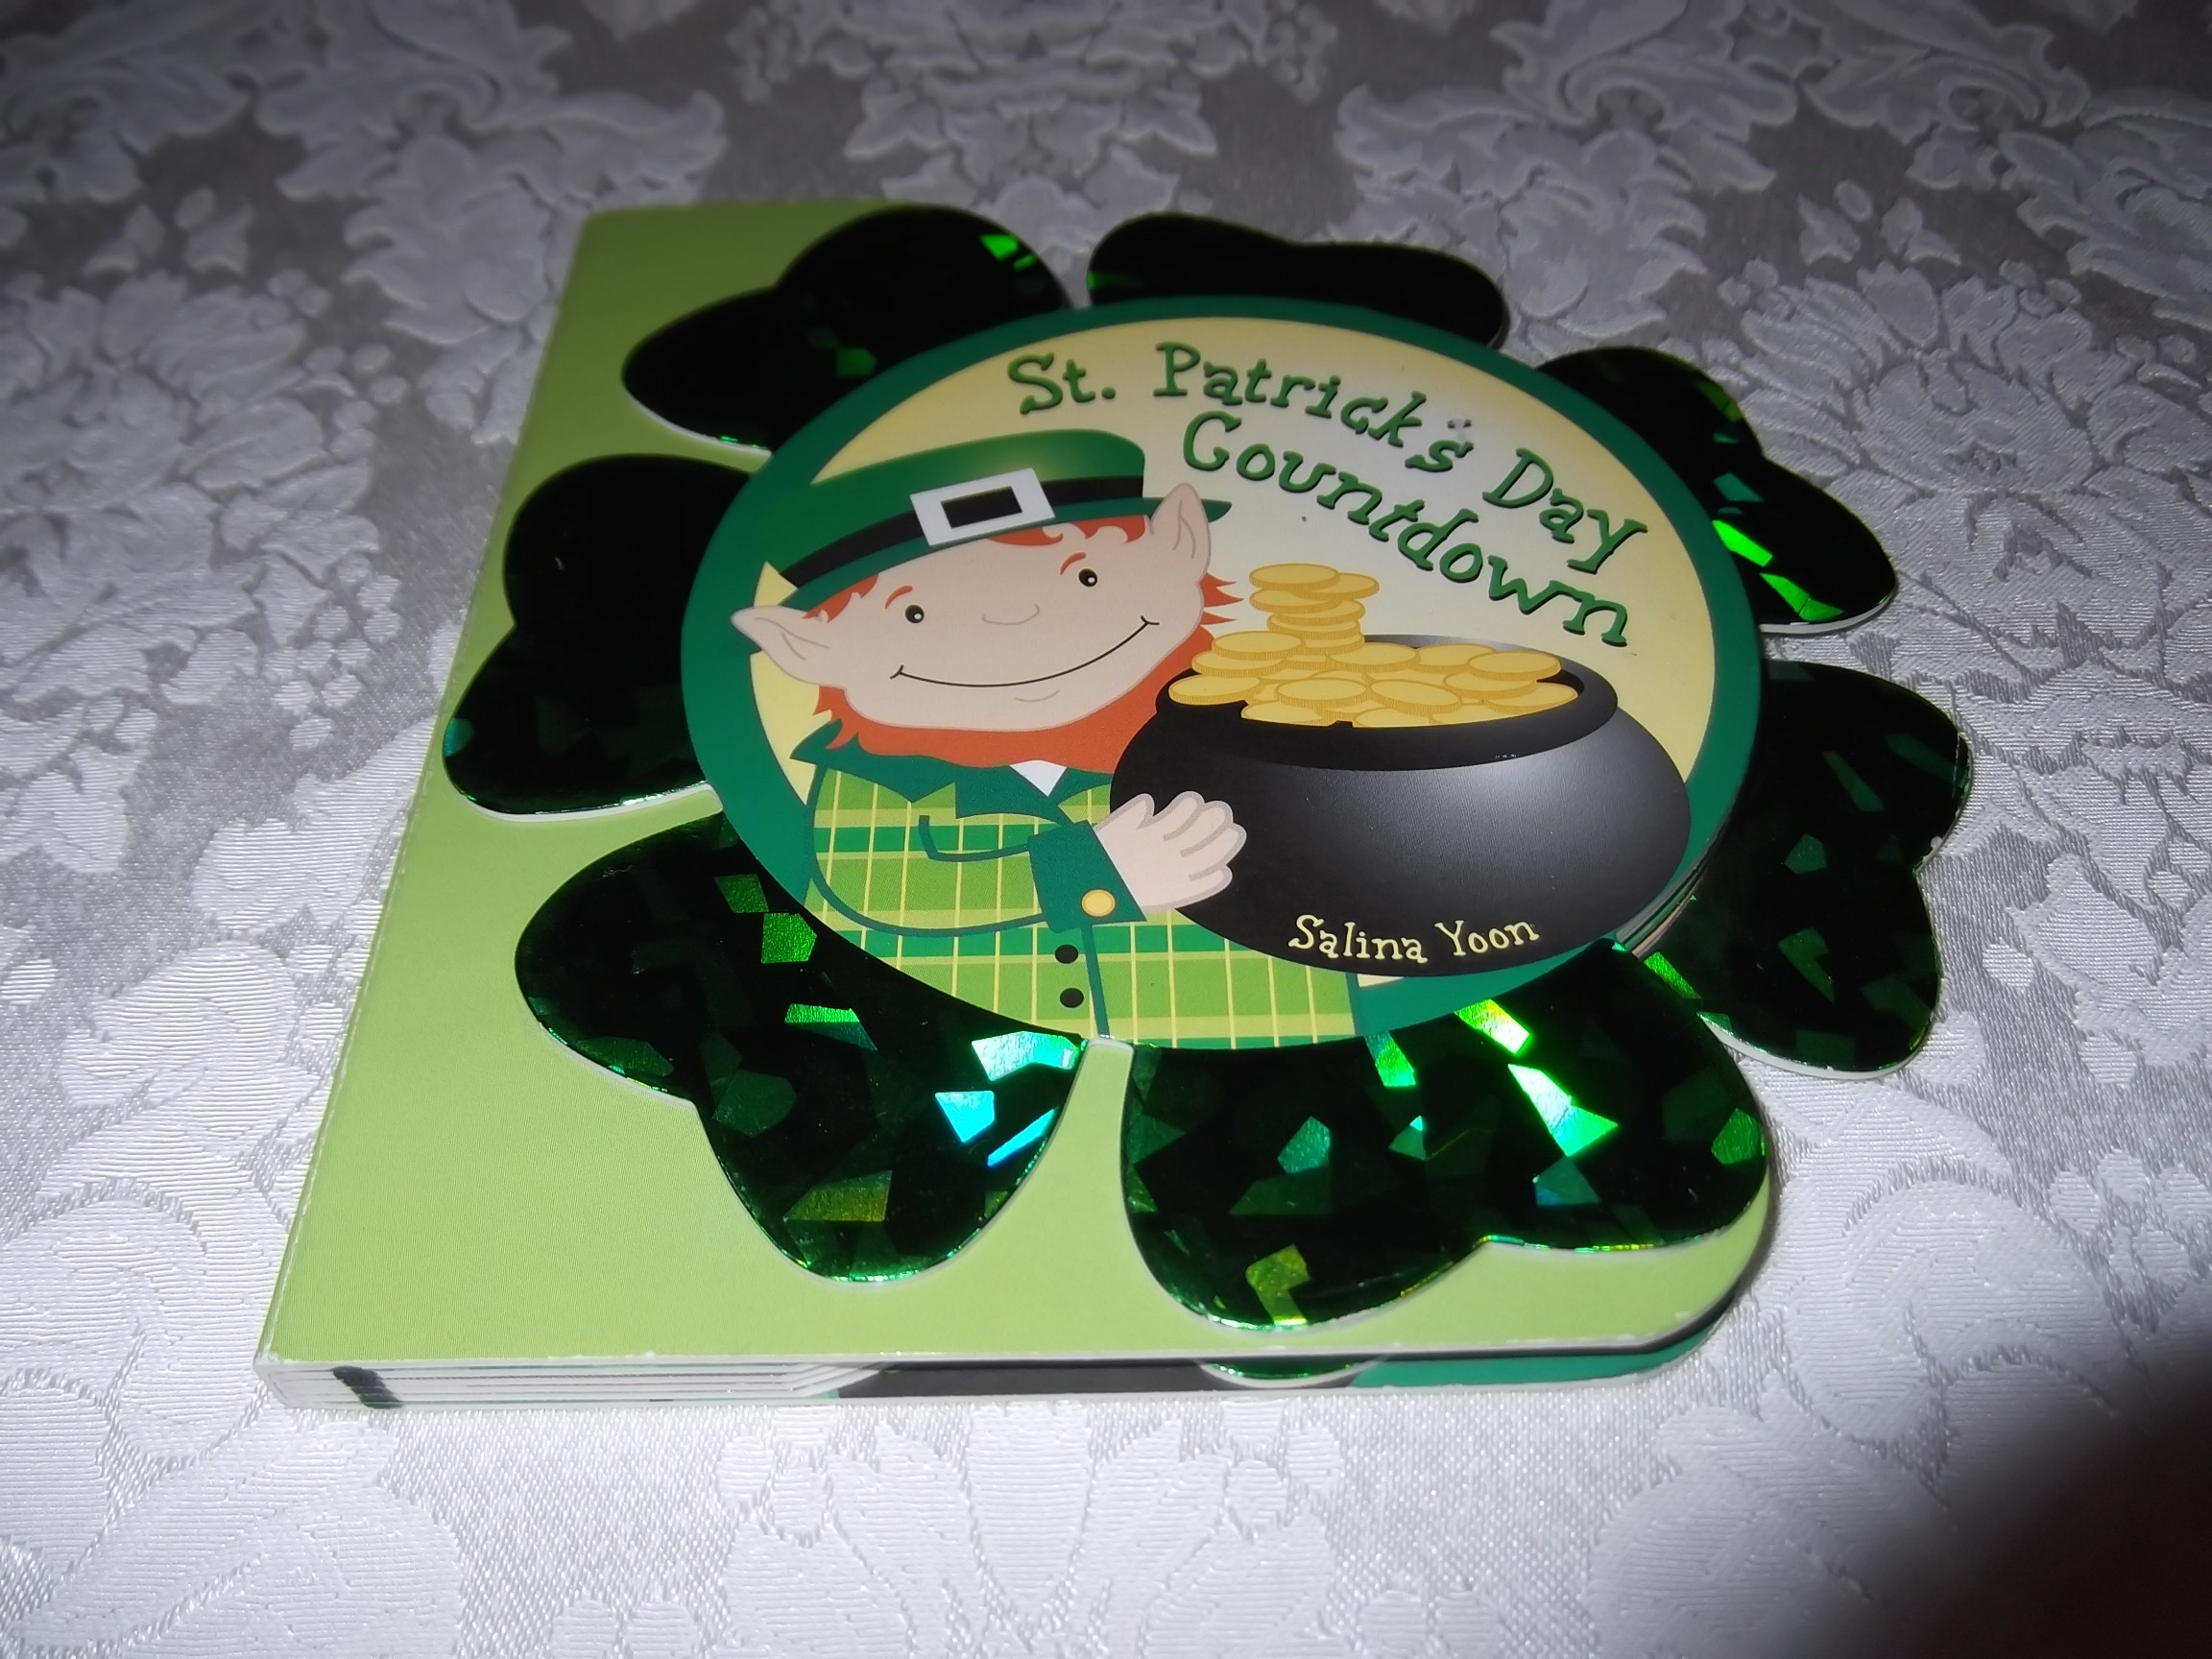 St. Patrick's Day Countdown Salina Yoon good shaped board book